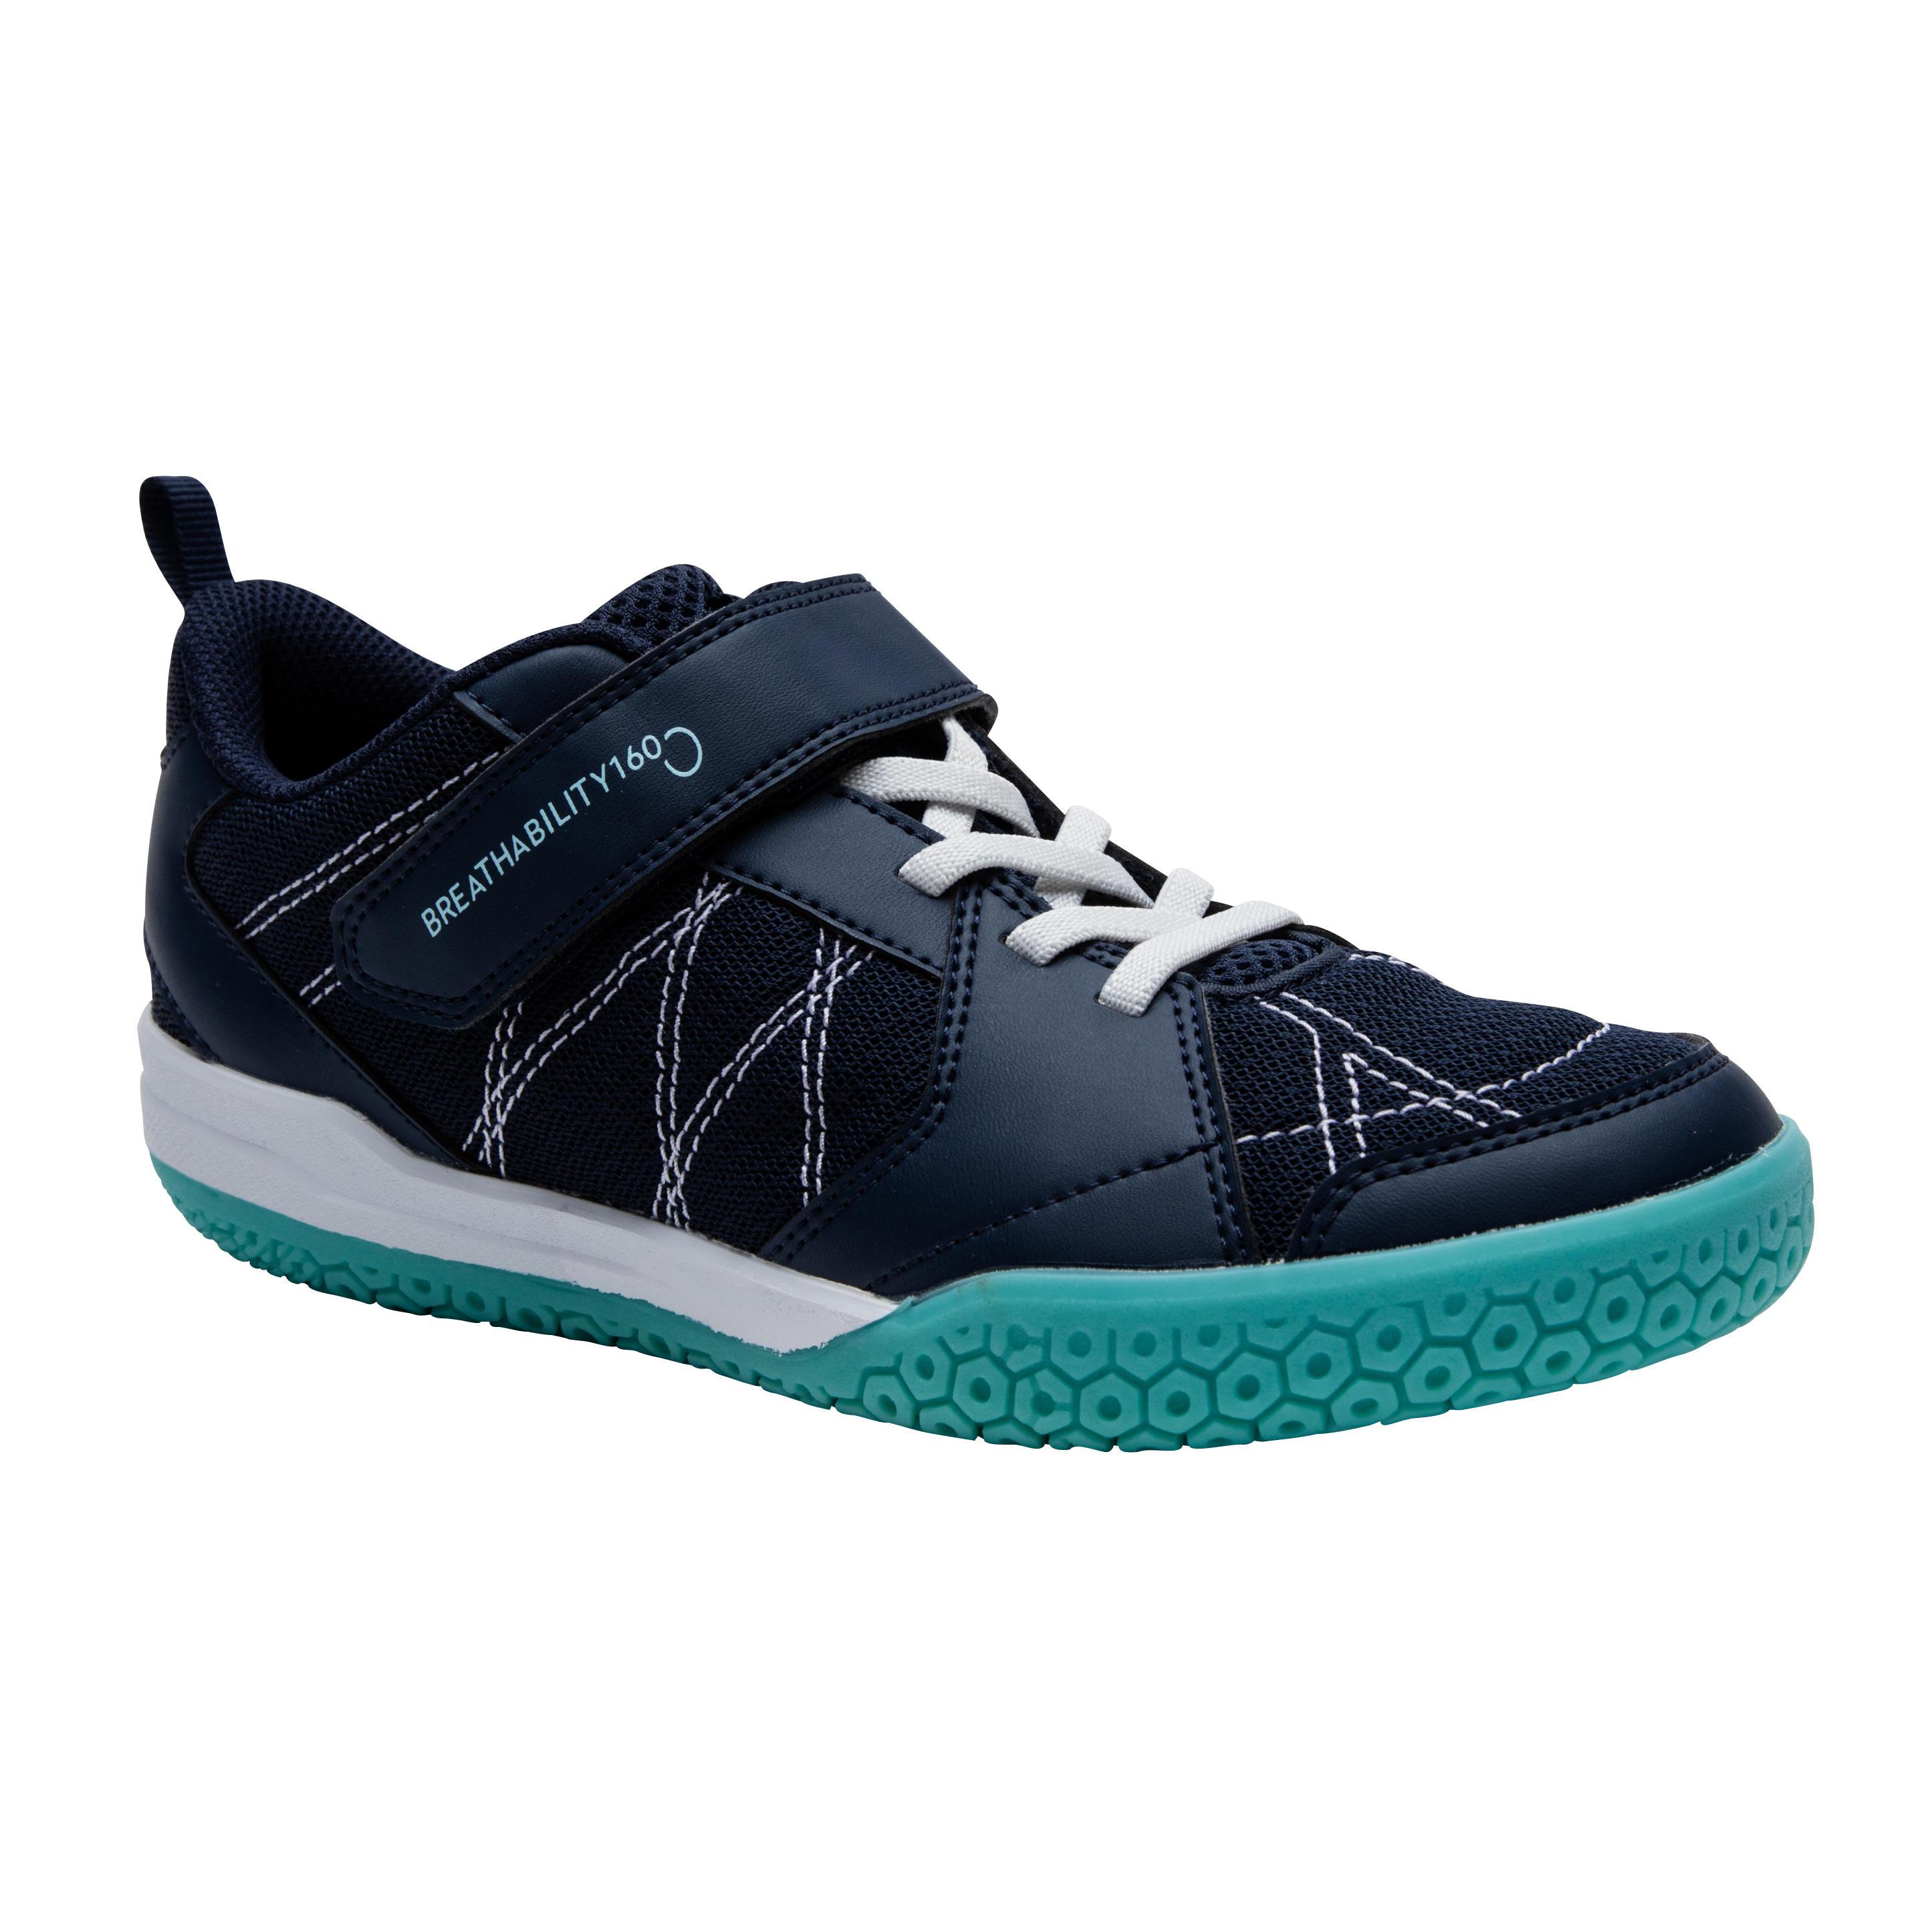 Perfly Badmintonschoenen voor kinderen BS 160 marineblauw/groen